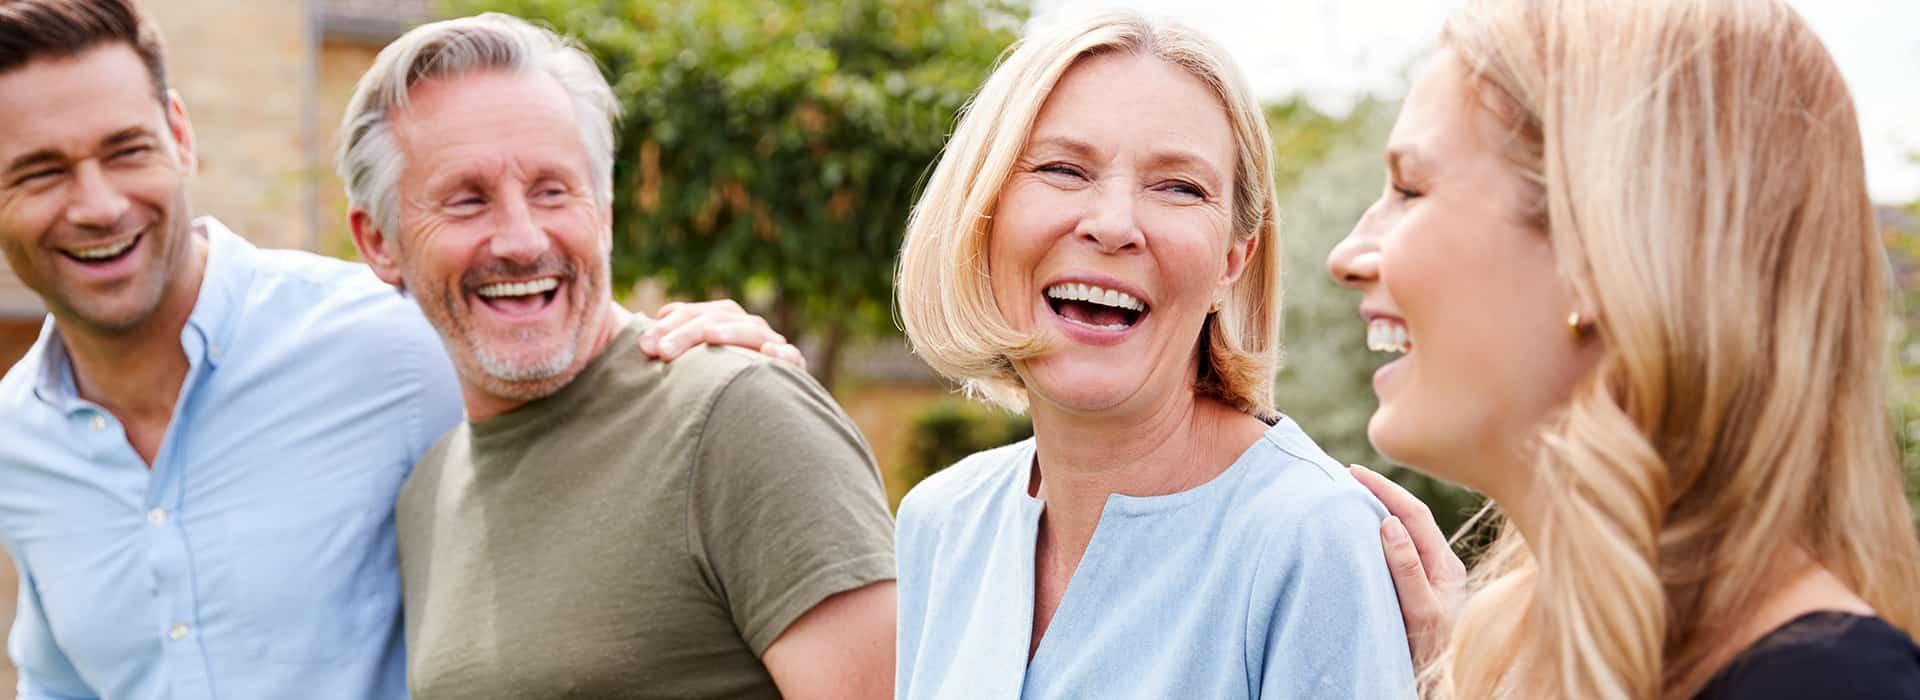 Dental Implants at Freyer Dental